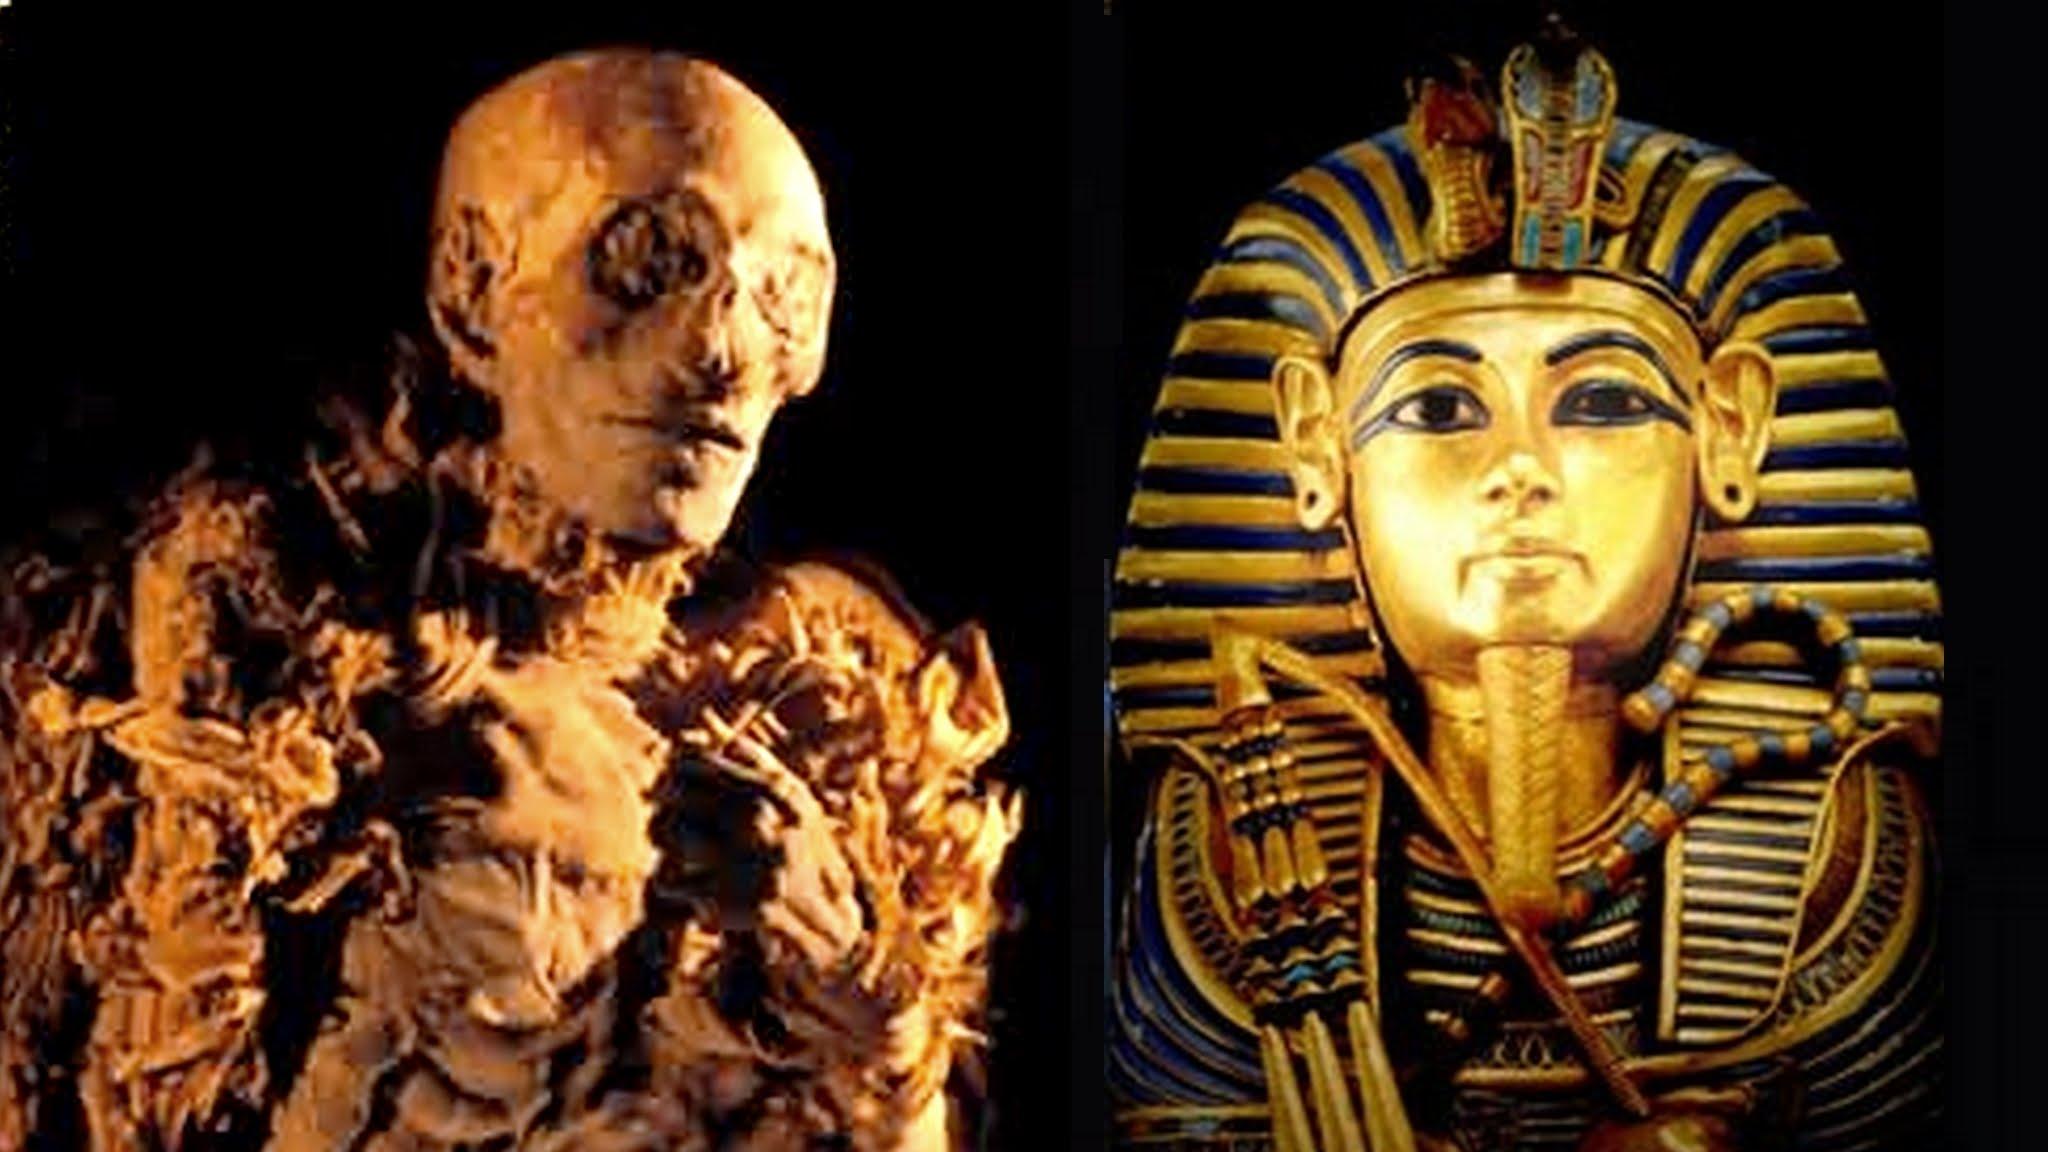 بالصور ما معنى فرعون , تعرف على معنى فرعون 3293